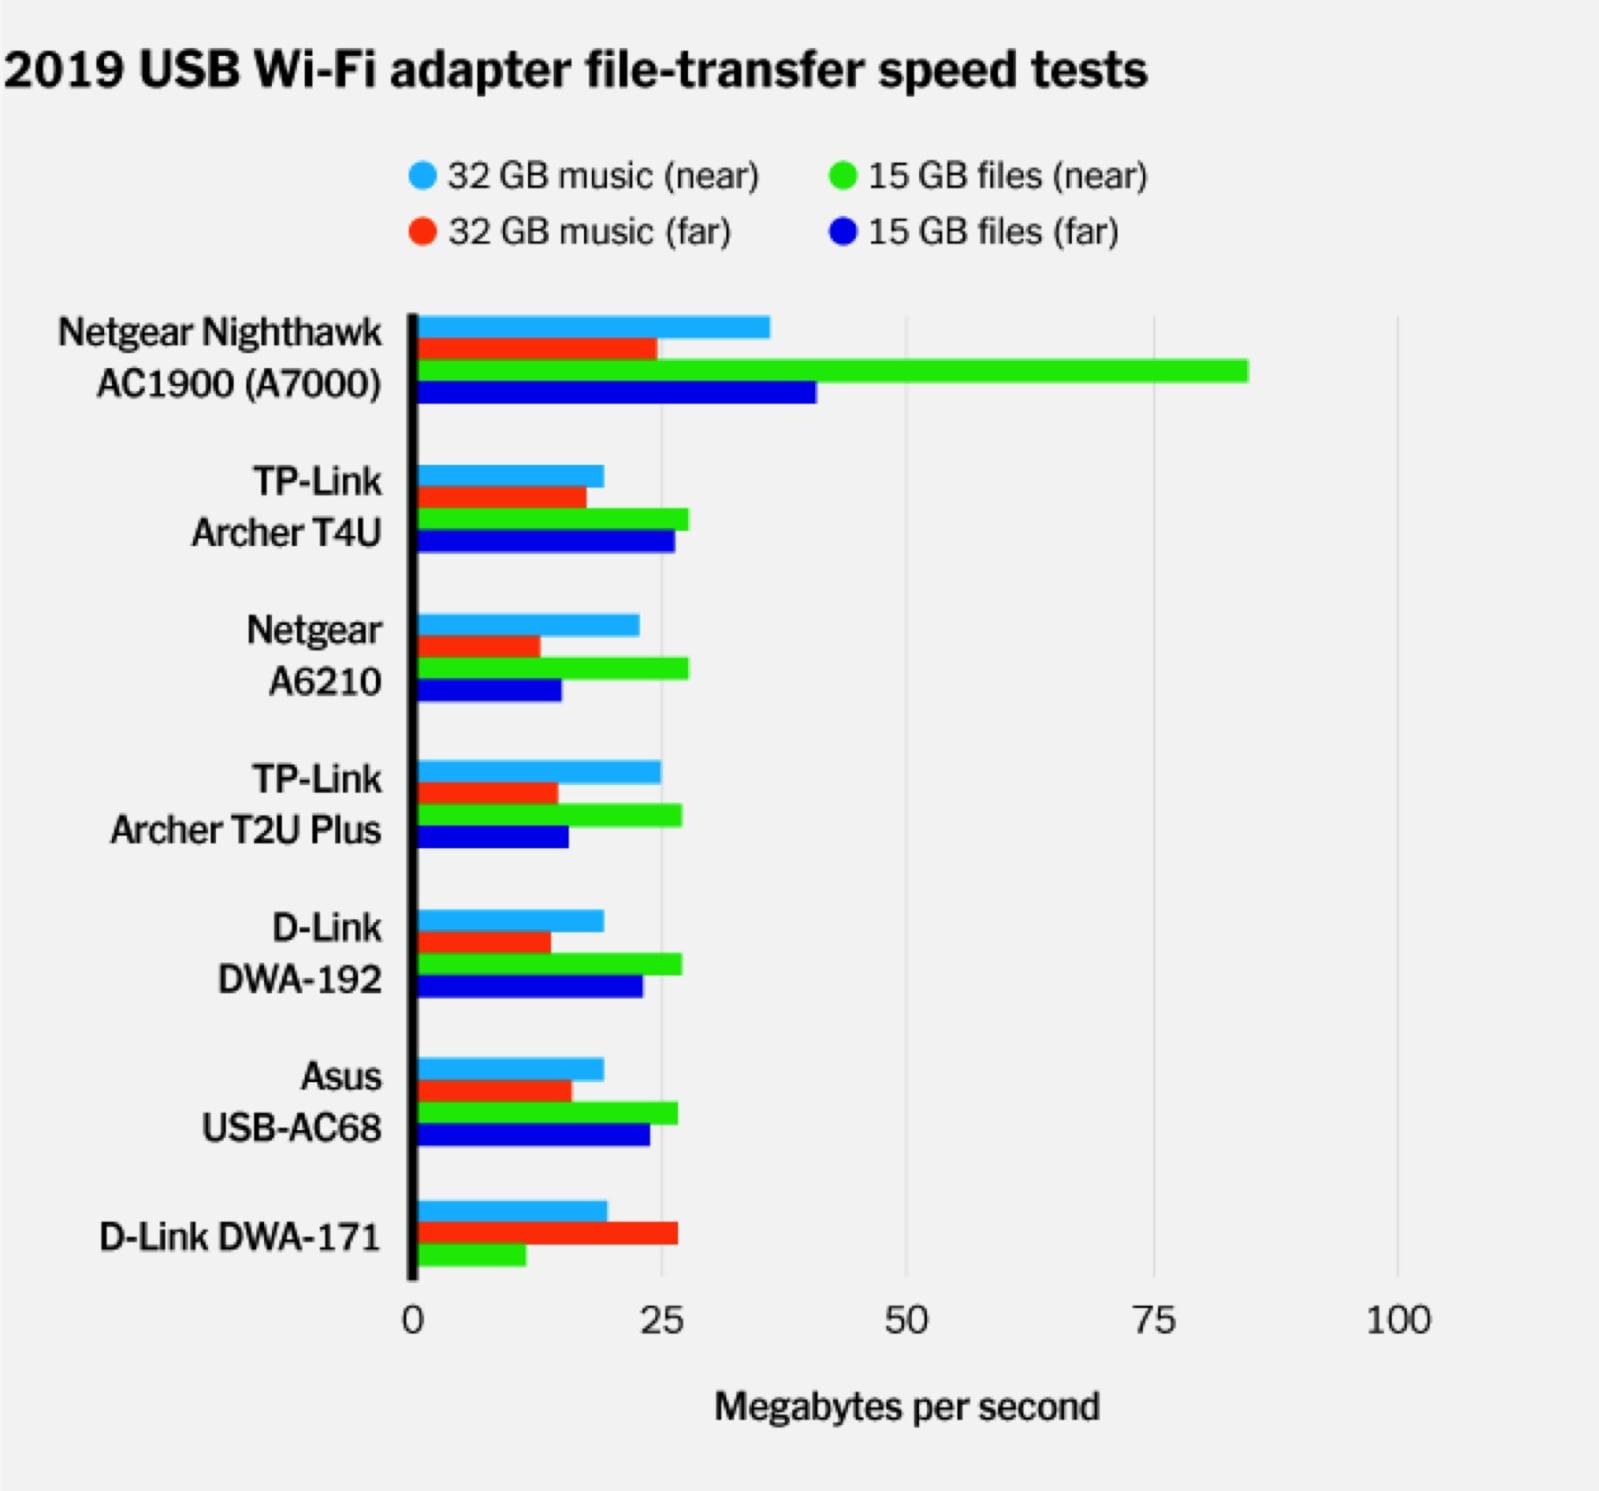 Wi-Fi adapter